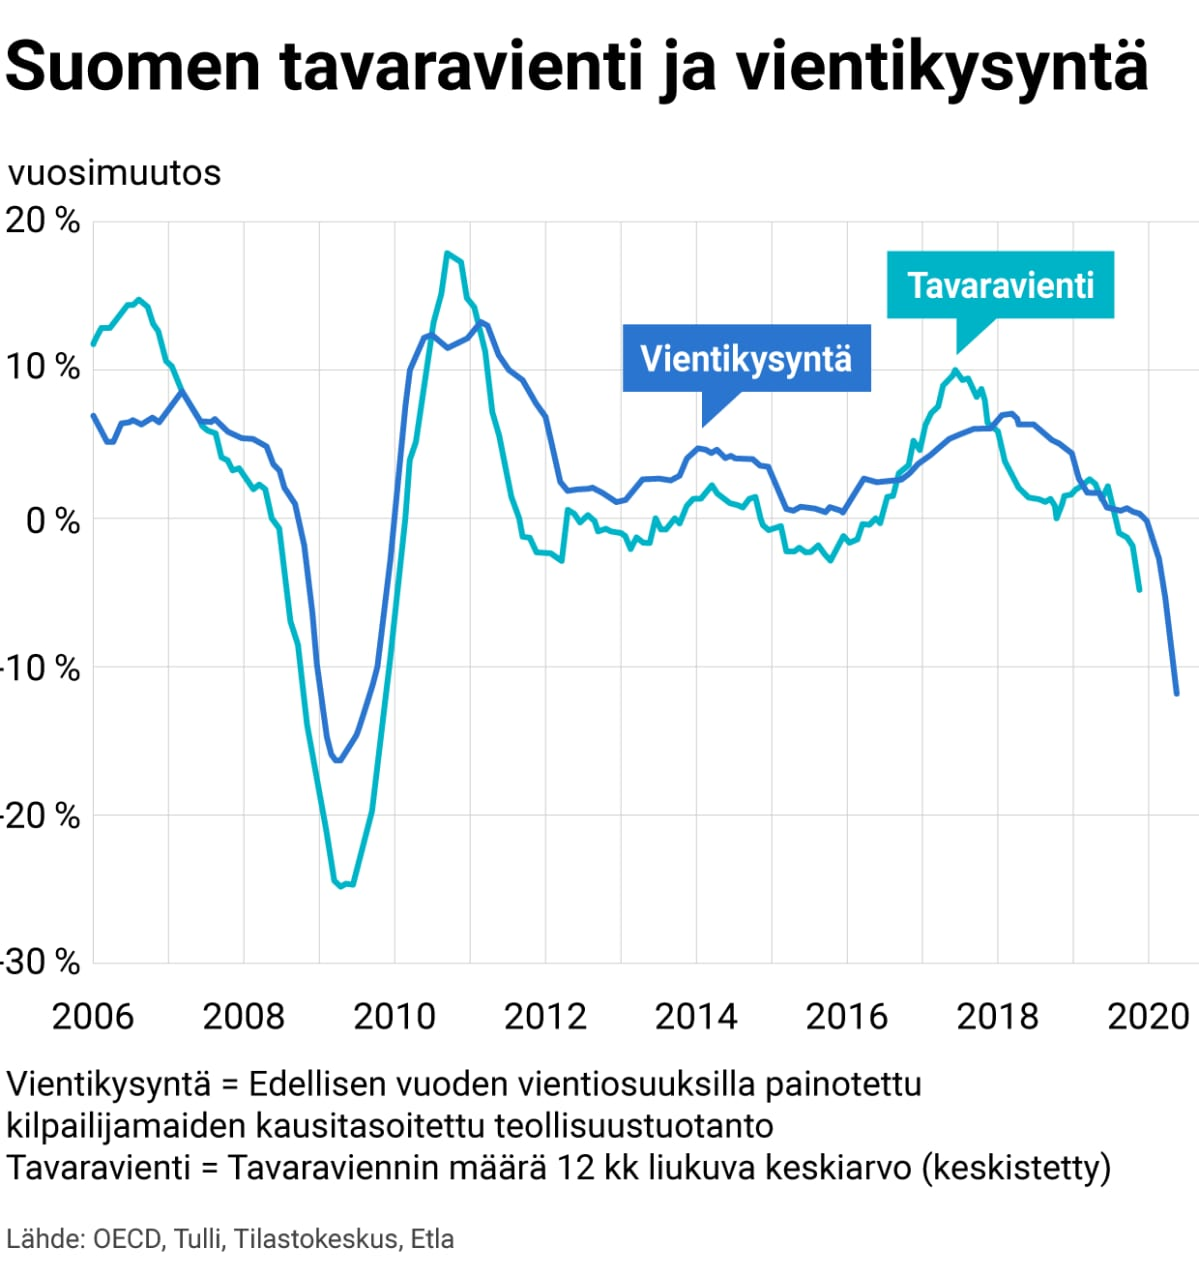 Suomen tavaravienti ja vientikysyntä